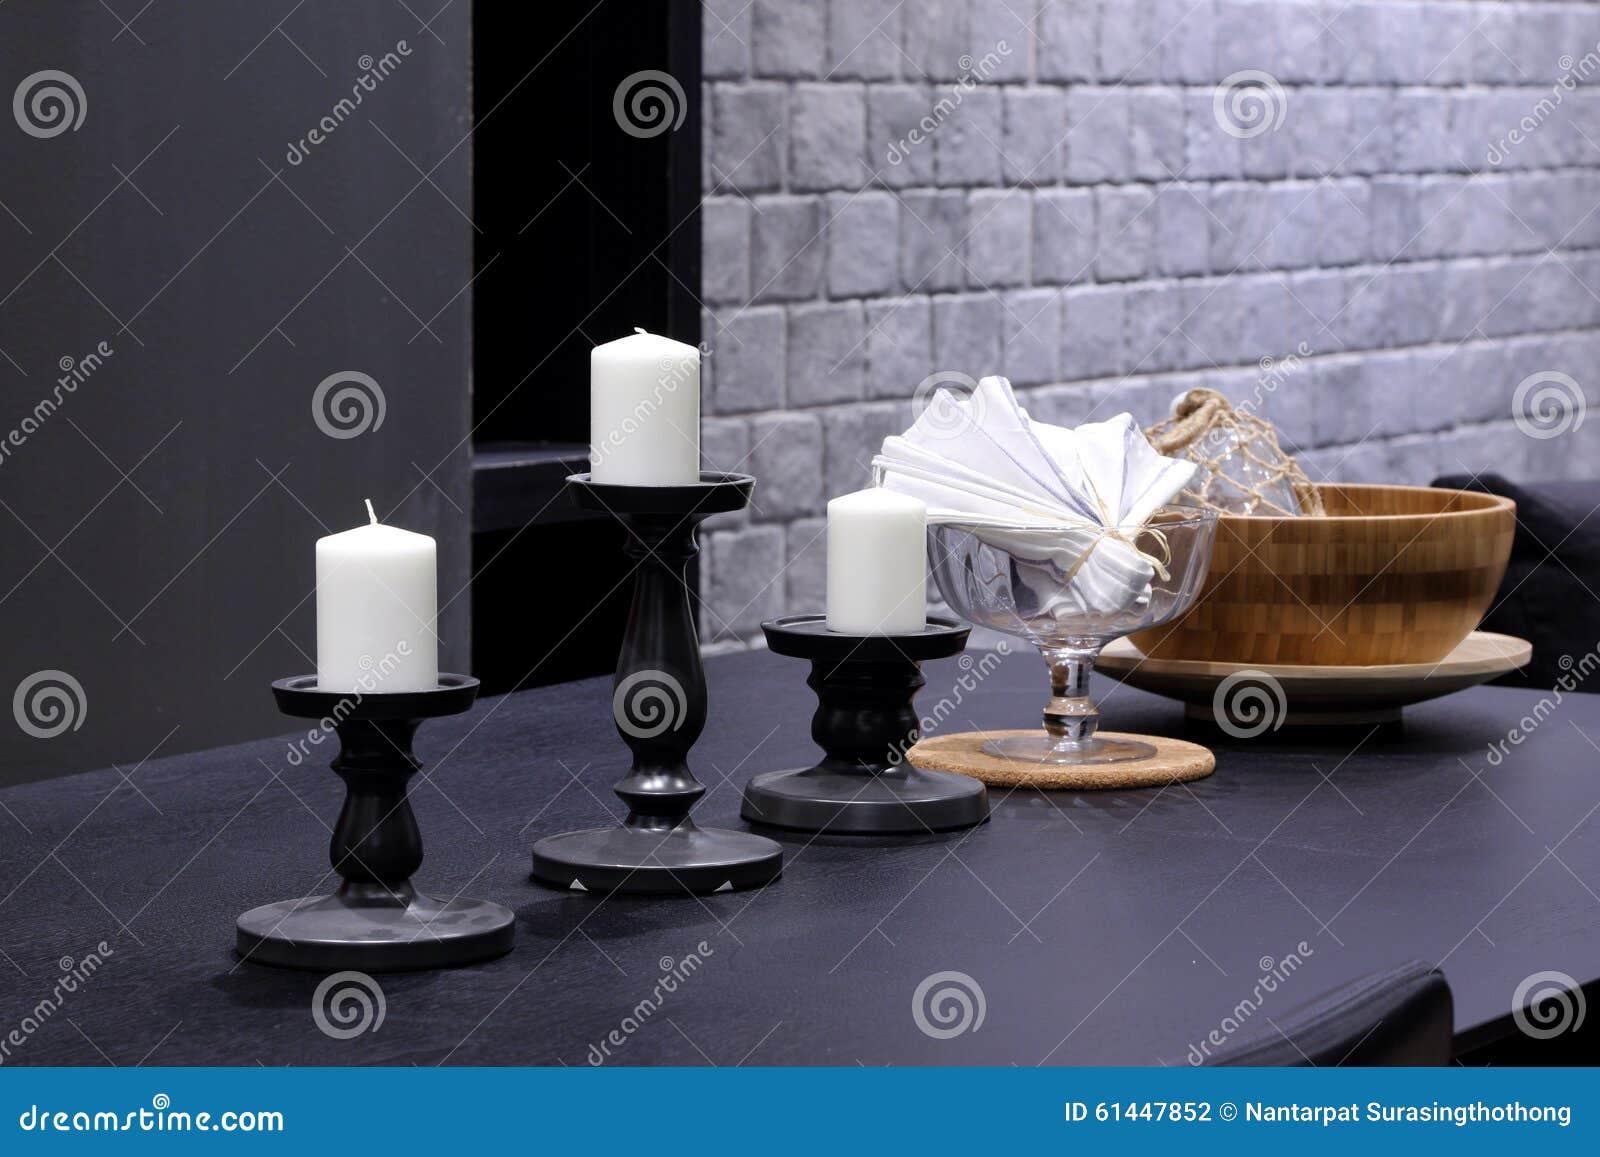 Weiße kerzen mit kerzenständer auf schwarzem holztisch in lebenr